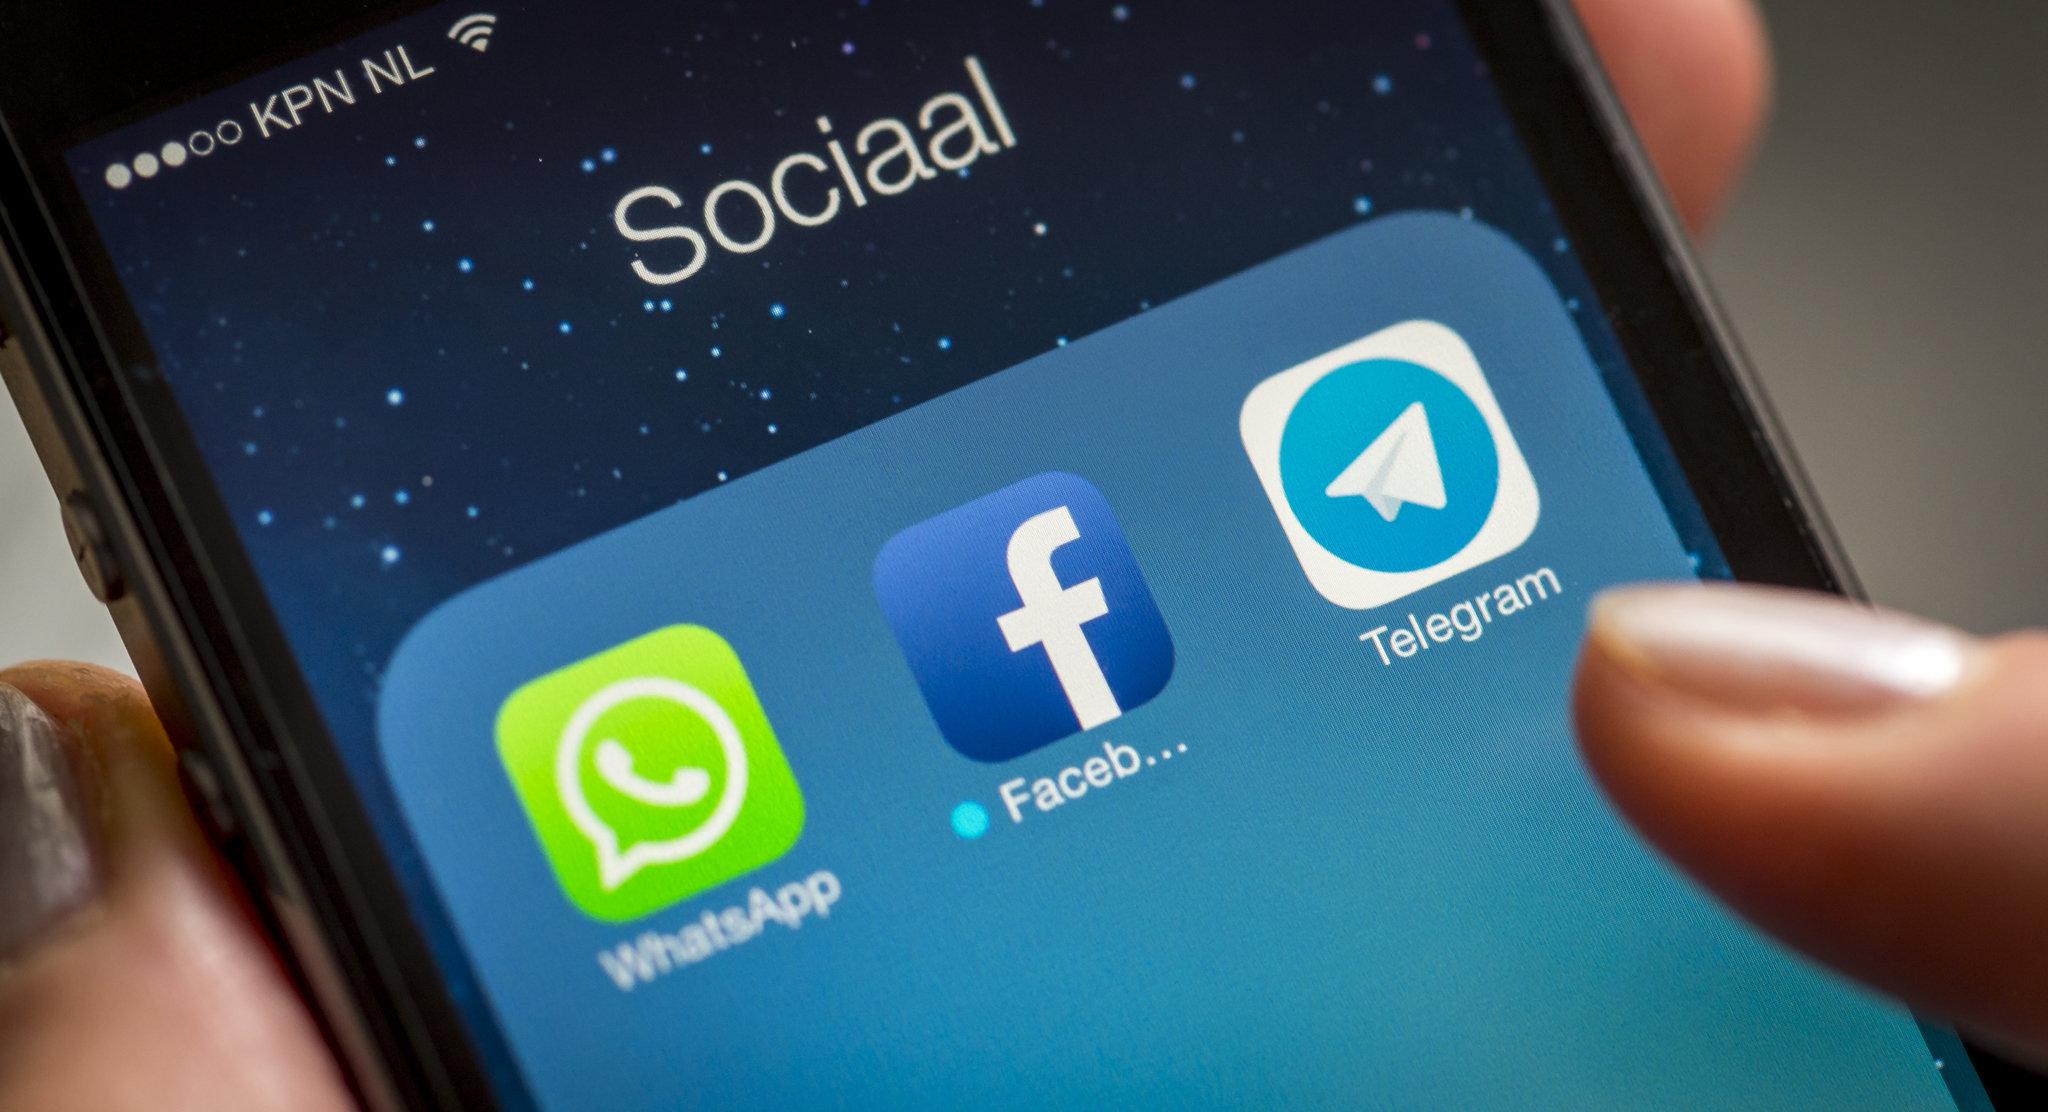 تاثیر عضویت درشبكه های اجتماعی(تلگرام) برعملكرد هنرمندان نقاش (بخش ششم)